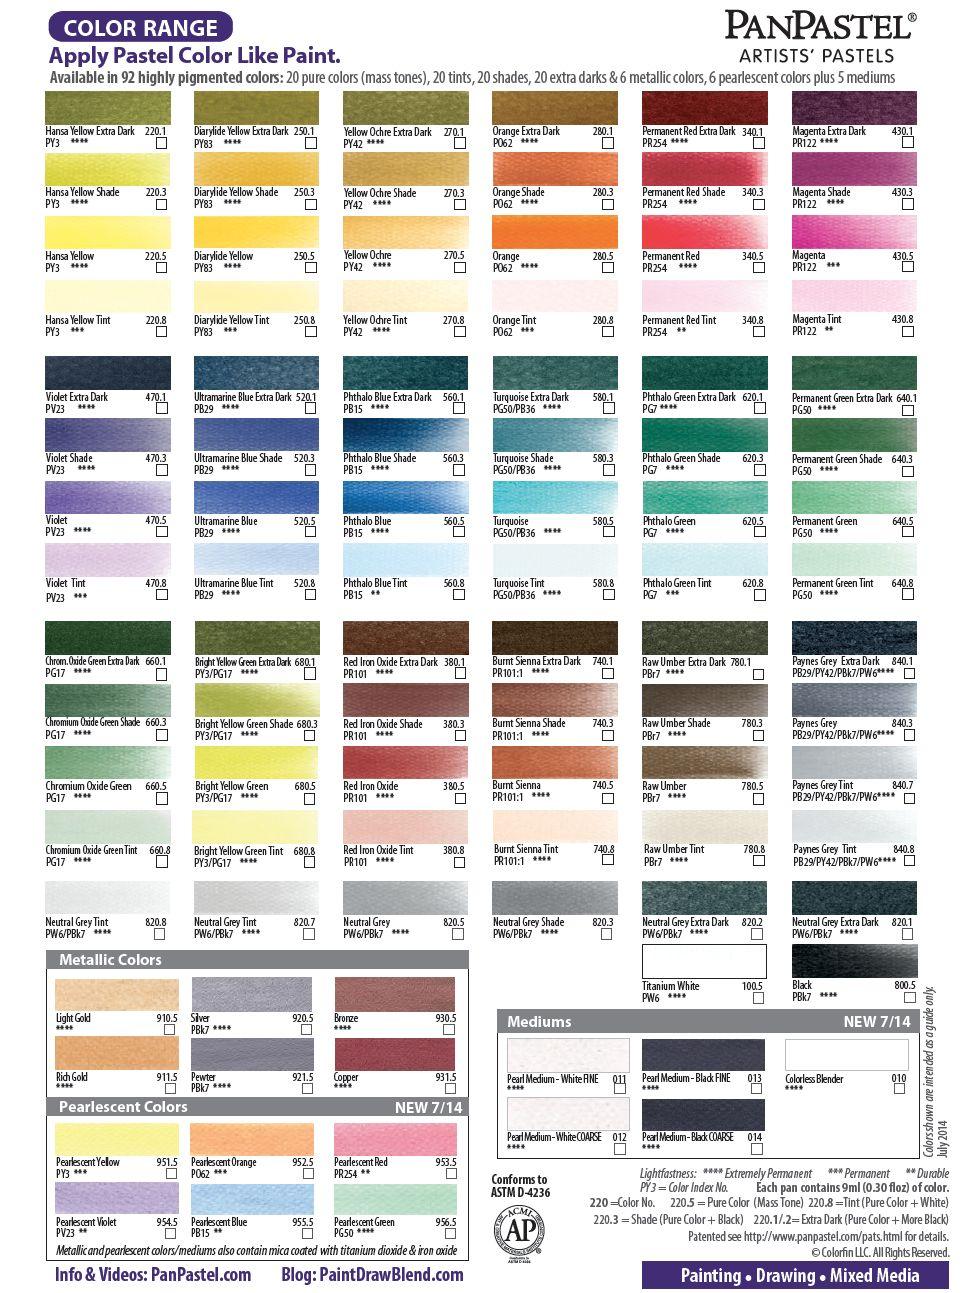 Downloadable Panpastel Color Chart Cc Pan Pastels Pinterest